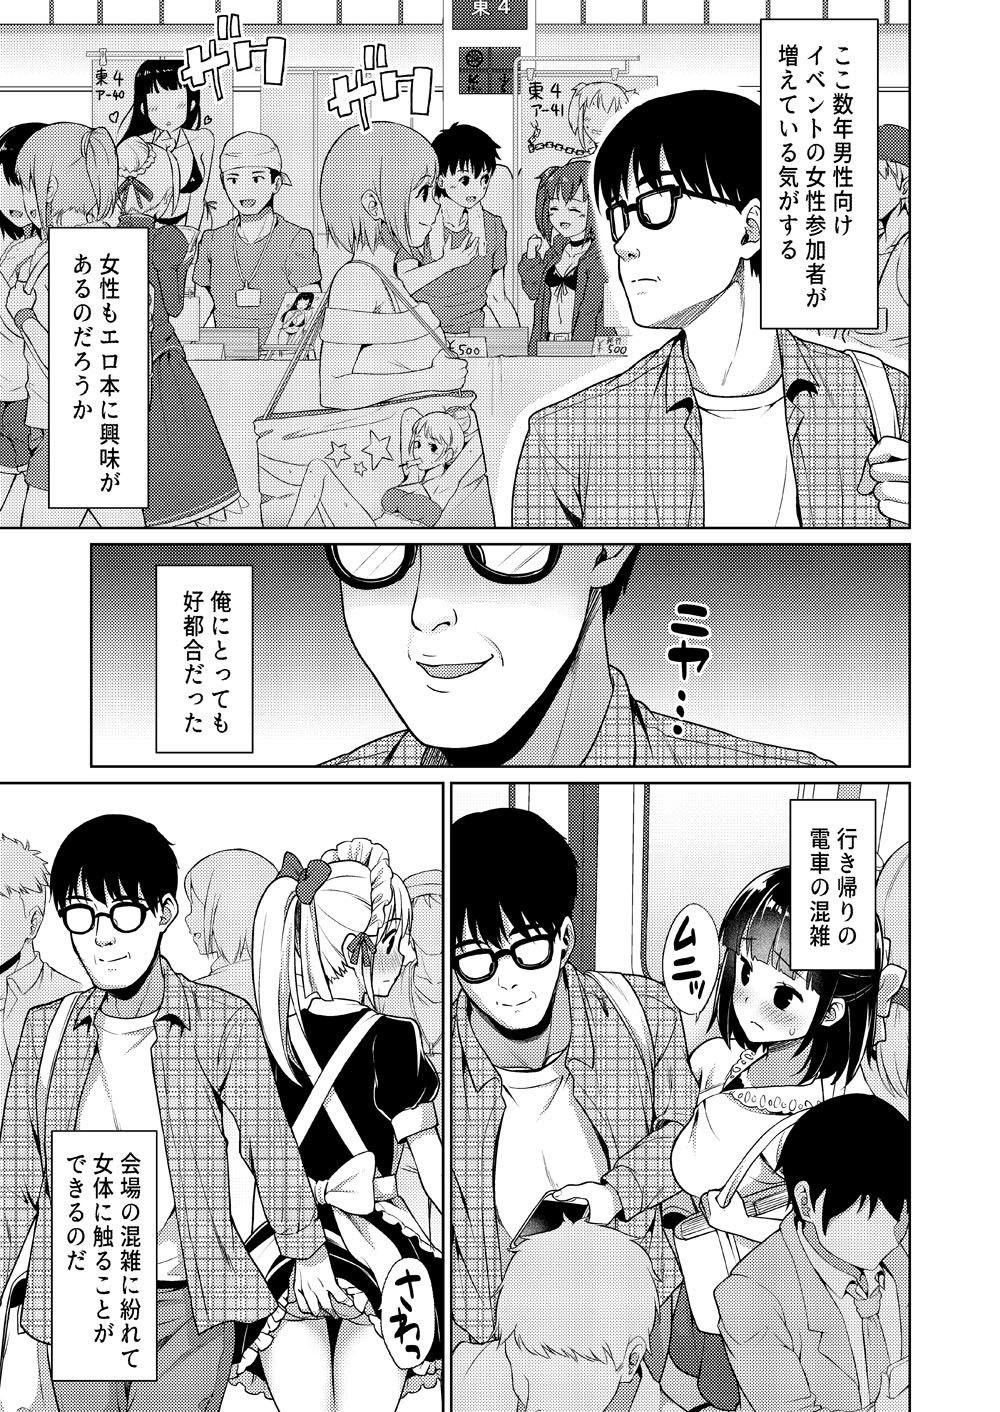 【エロ漫画無料大全集】同人誌即売会ってエッチなことがいっぱいできるんだなwww